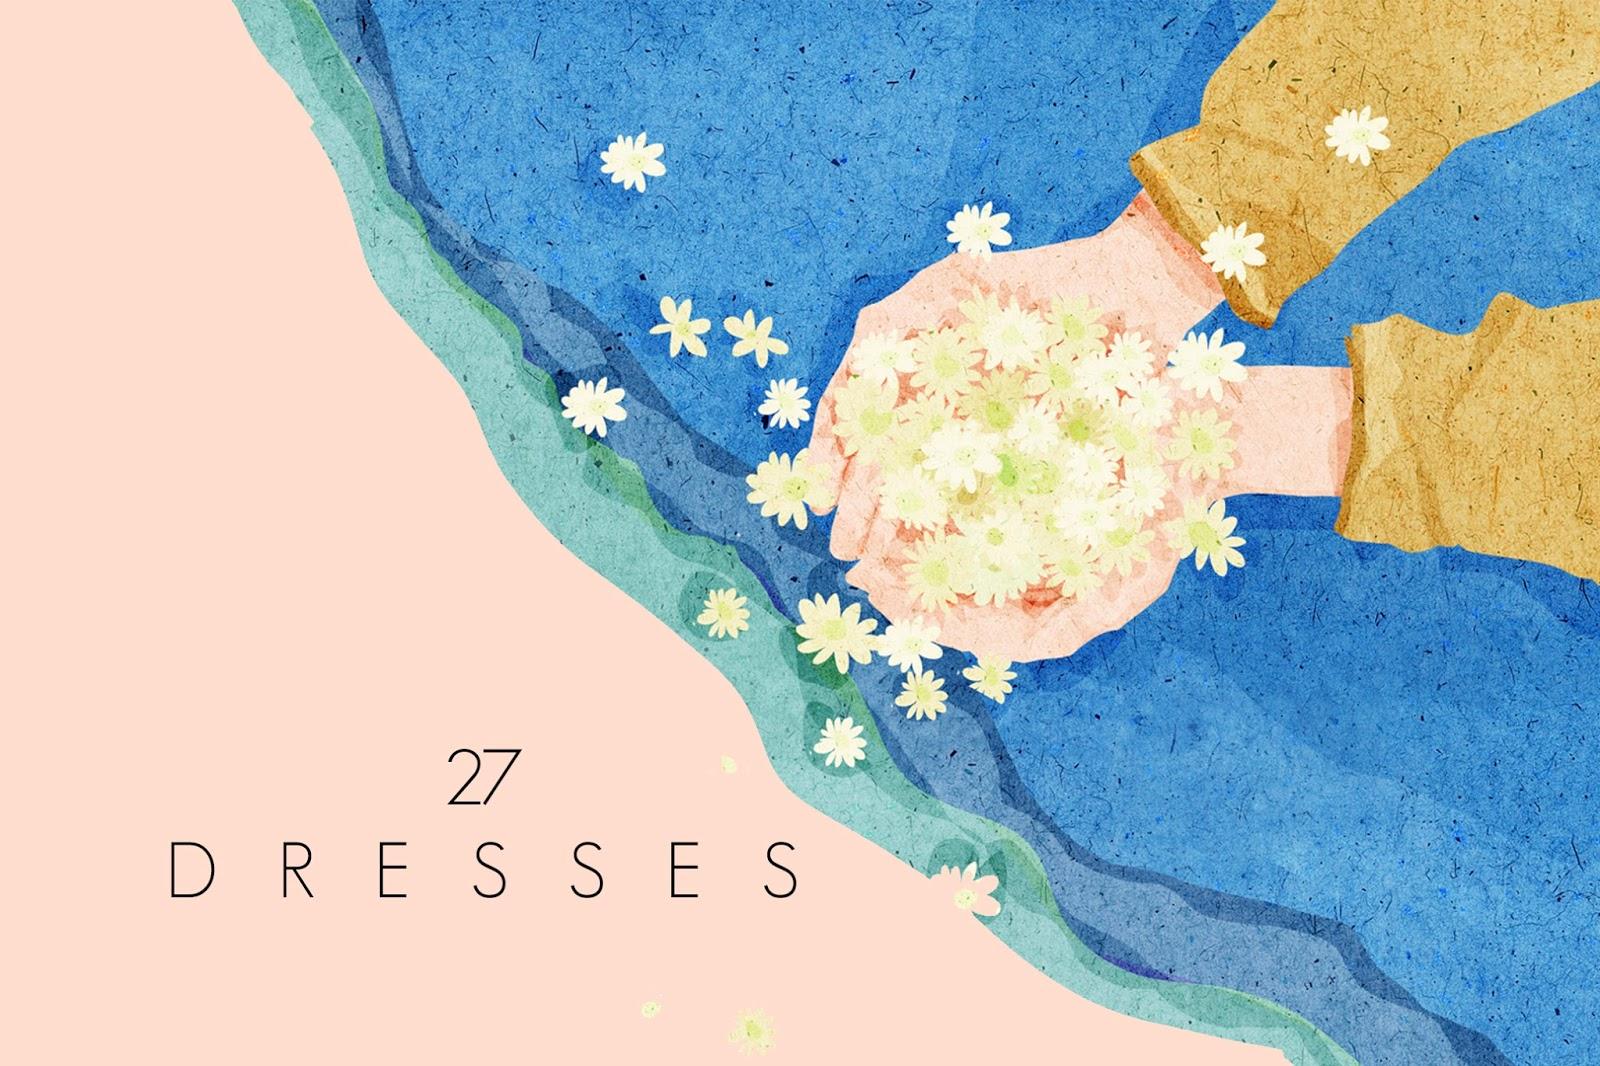 27 Dresses ft 27Dress